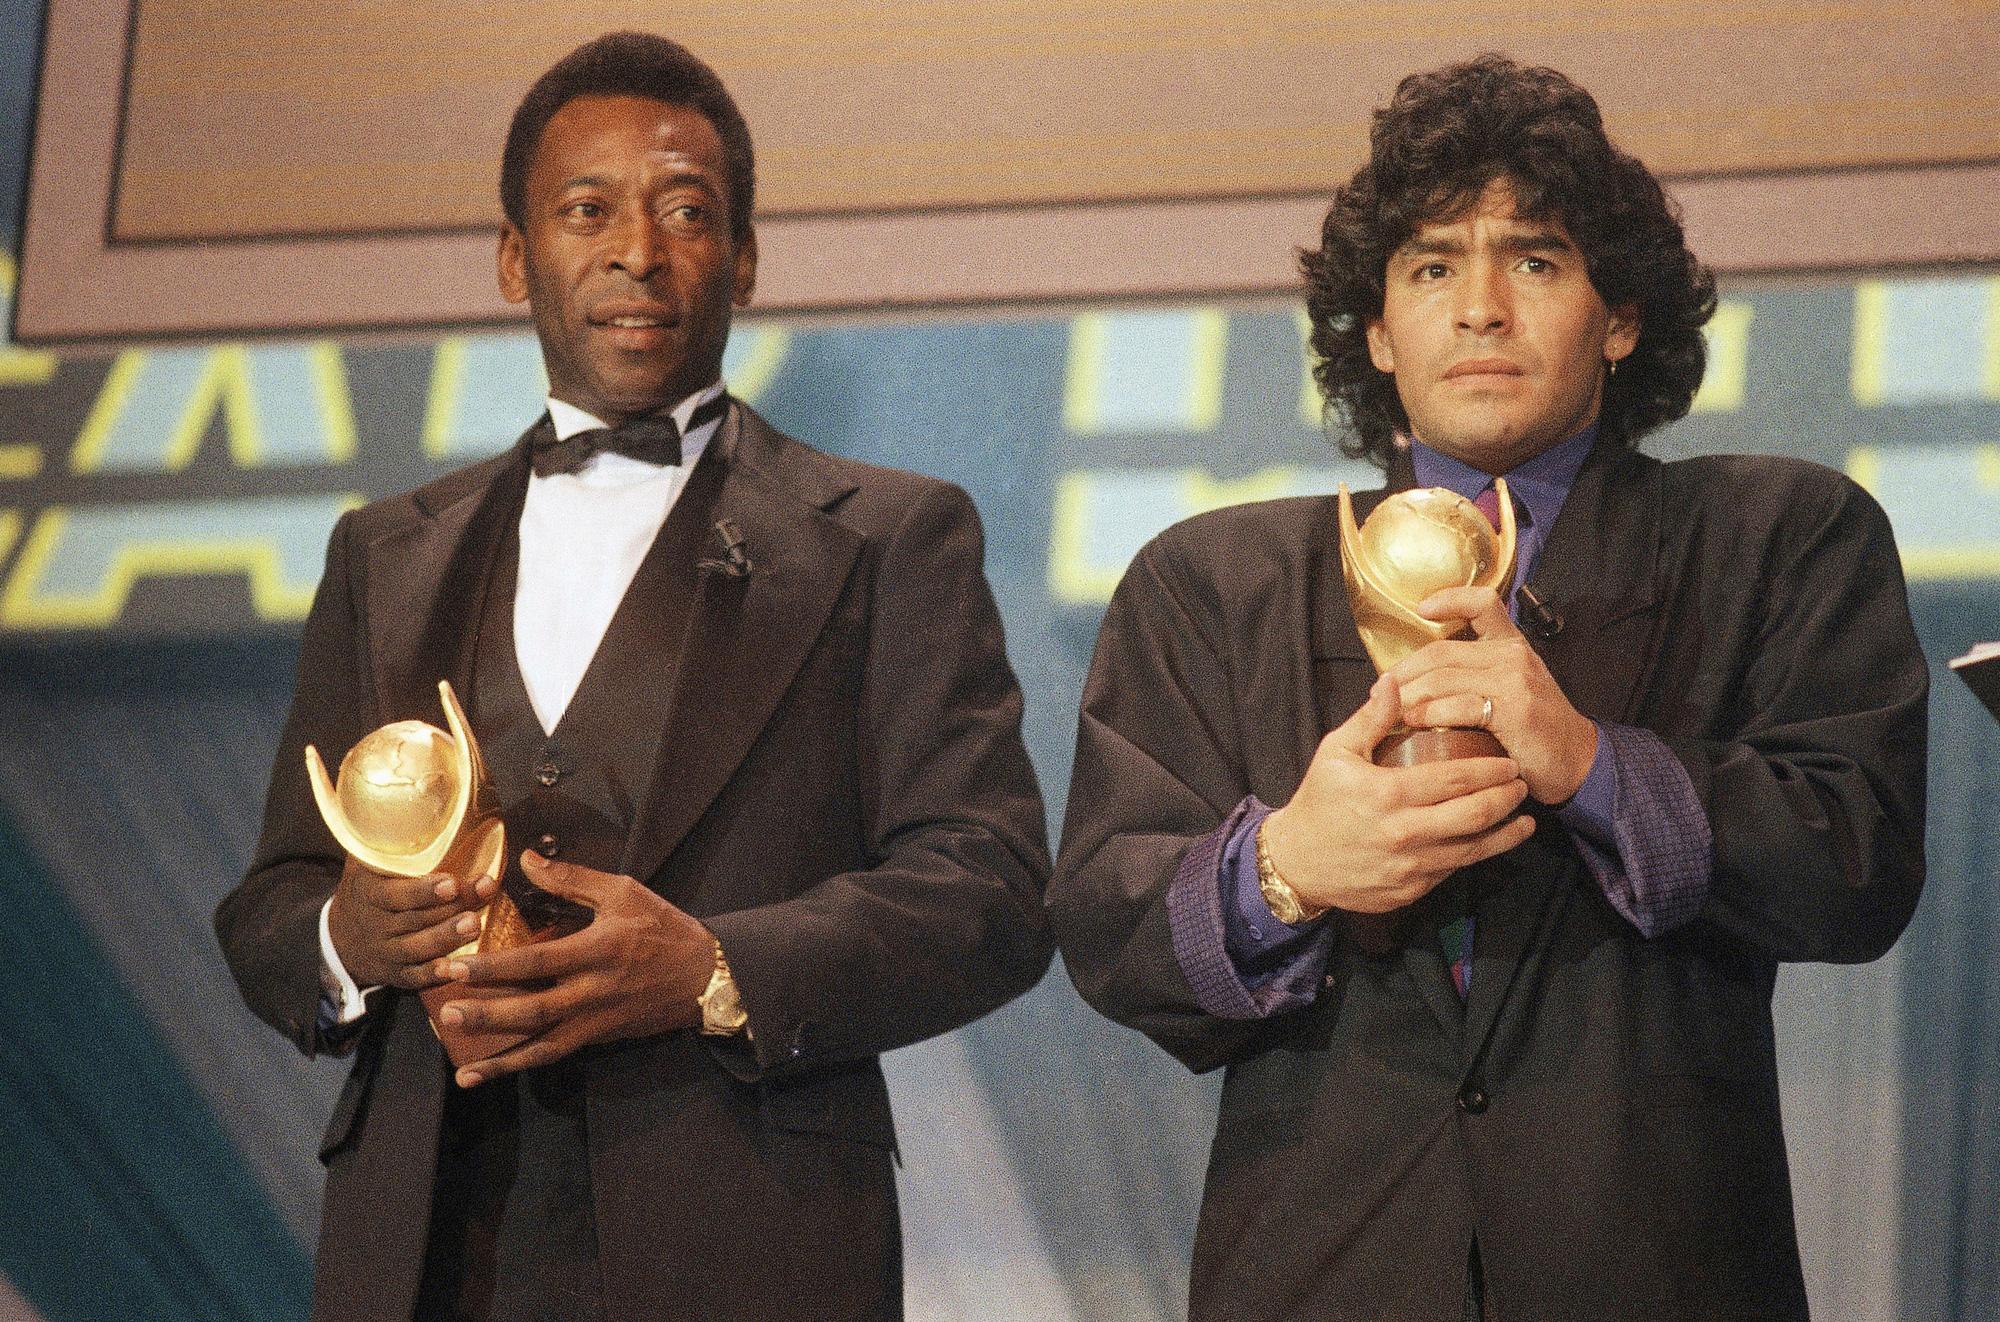 Cuộc đời Maradona qua ảnh: Đầy vinh quang nhưng cũng lắm tranh cãi - Ảnh 10.